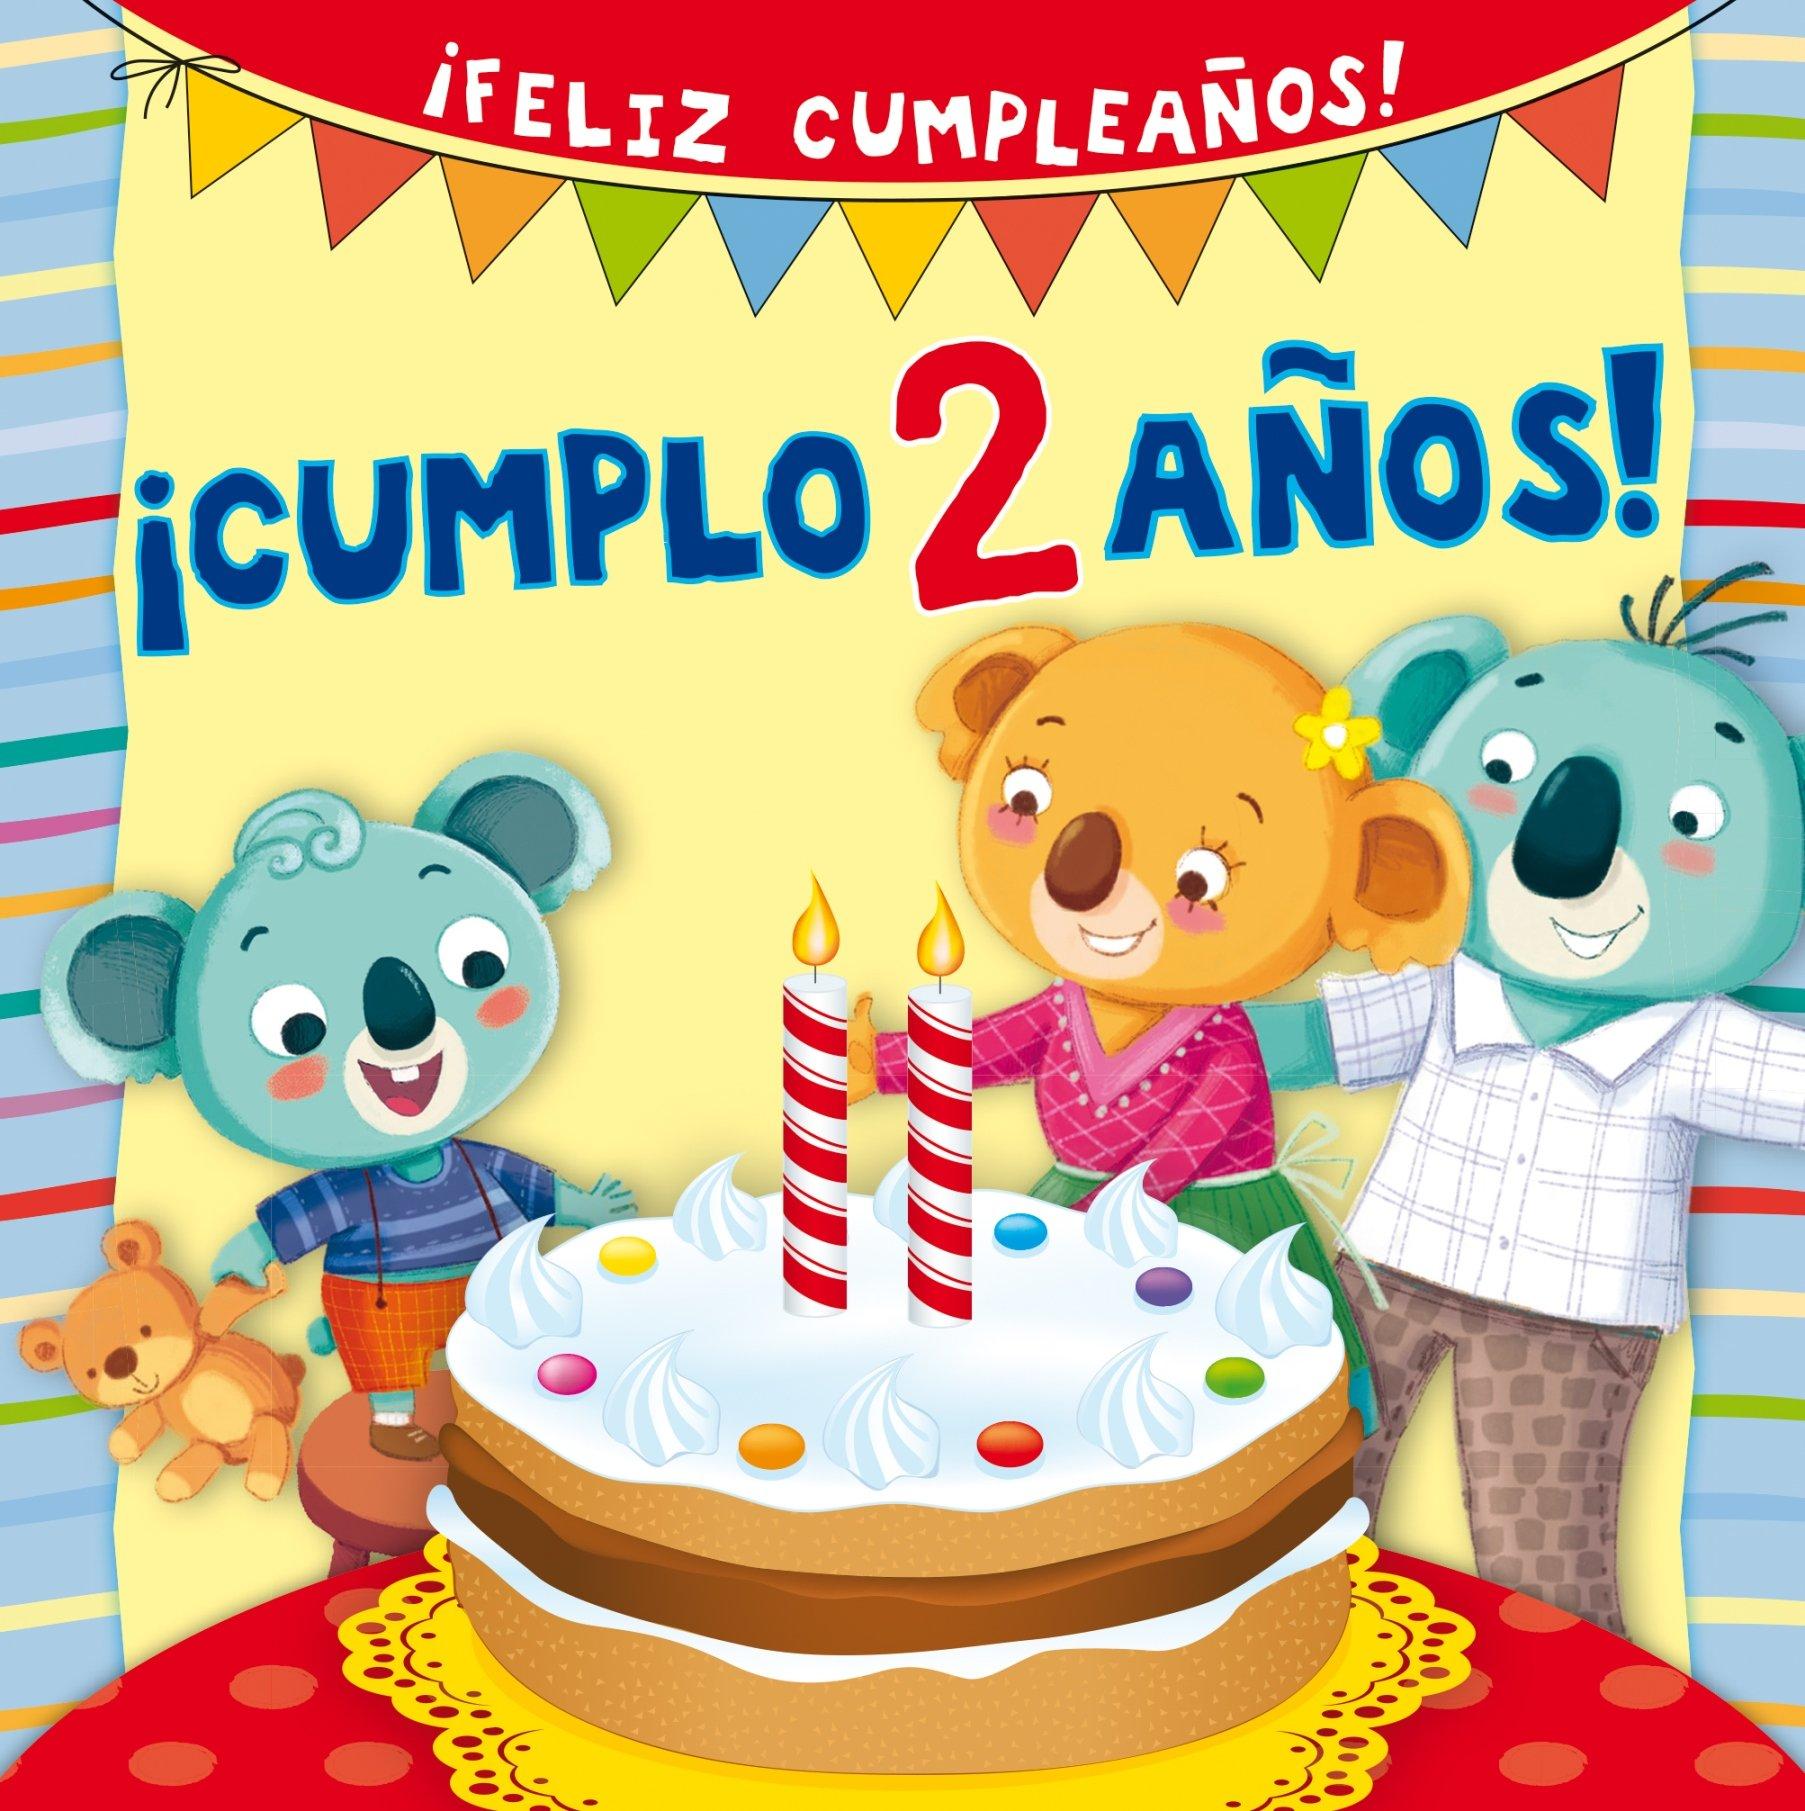 Cumplo 2 anos! (Spanish Edition) (Feliz Cumpleanos!): Silvia ...